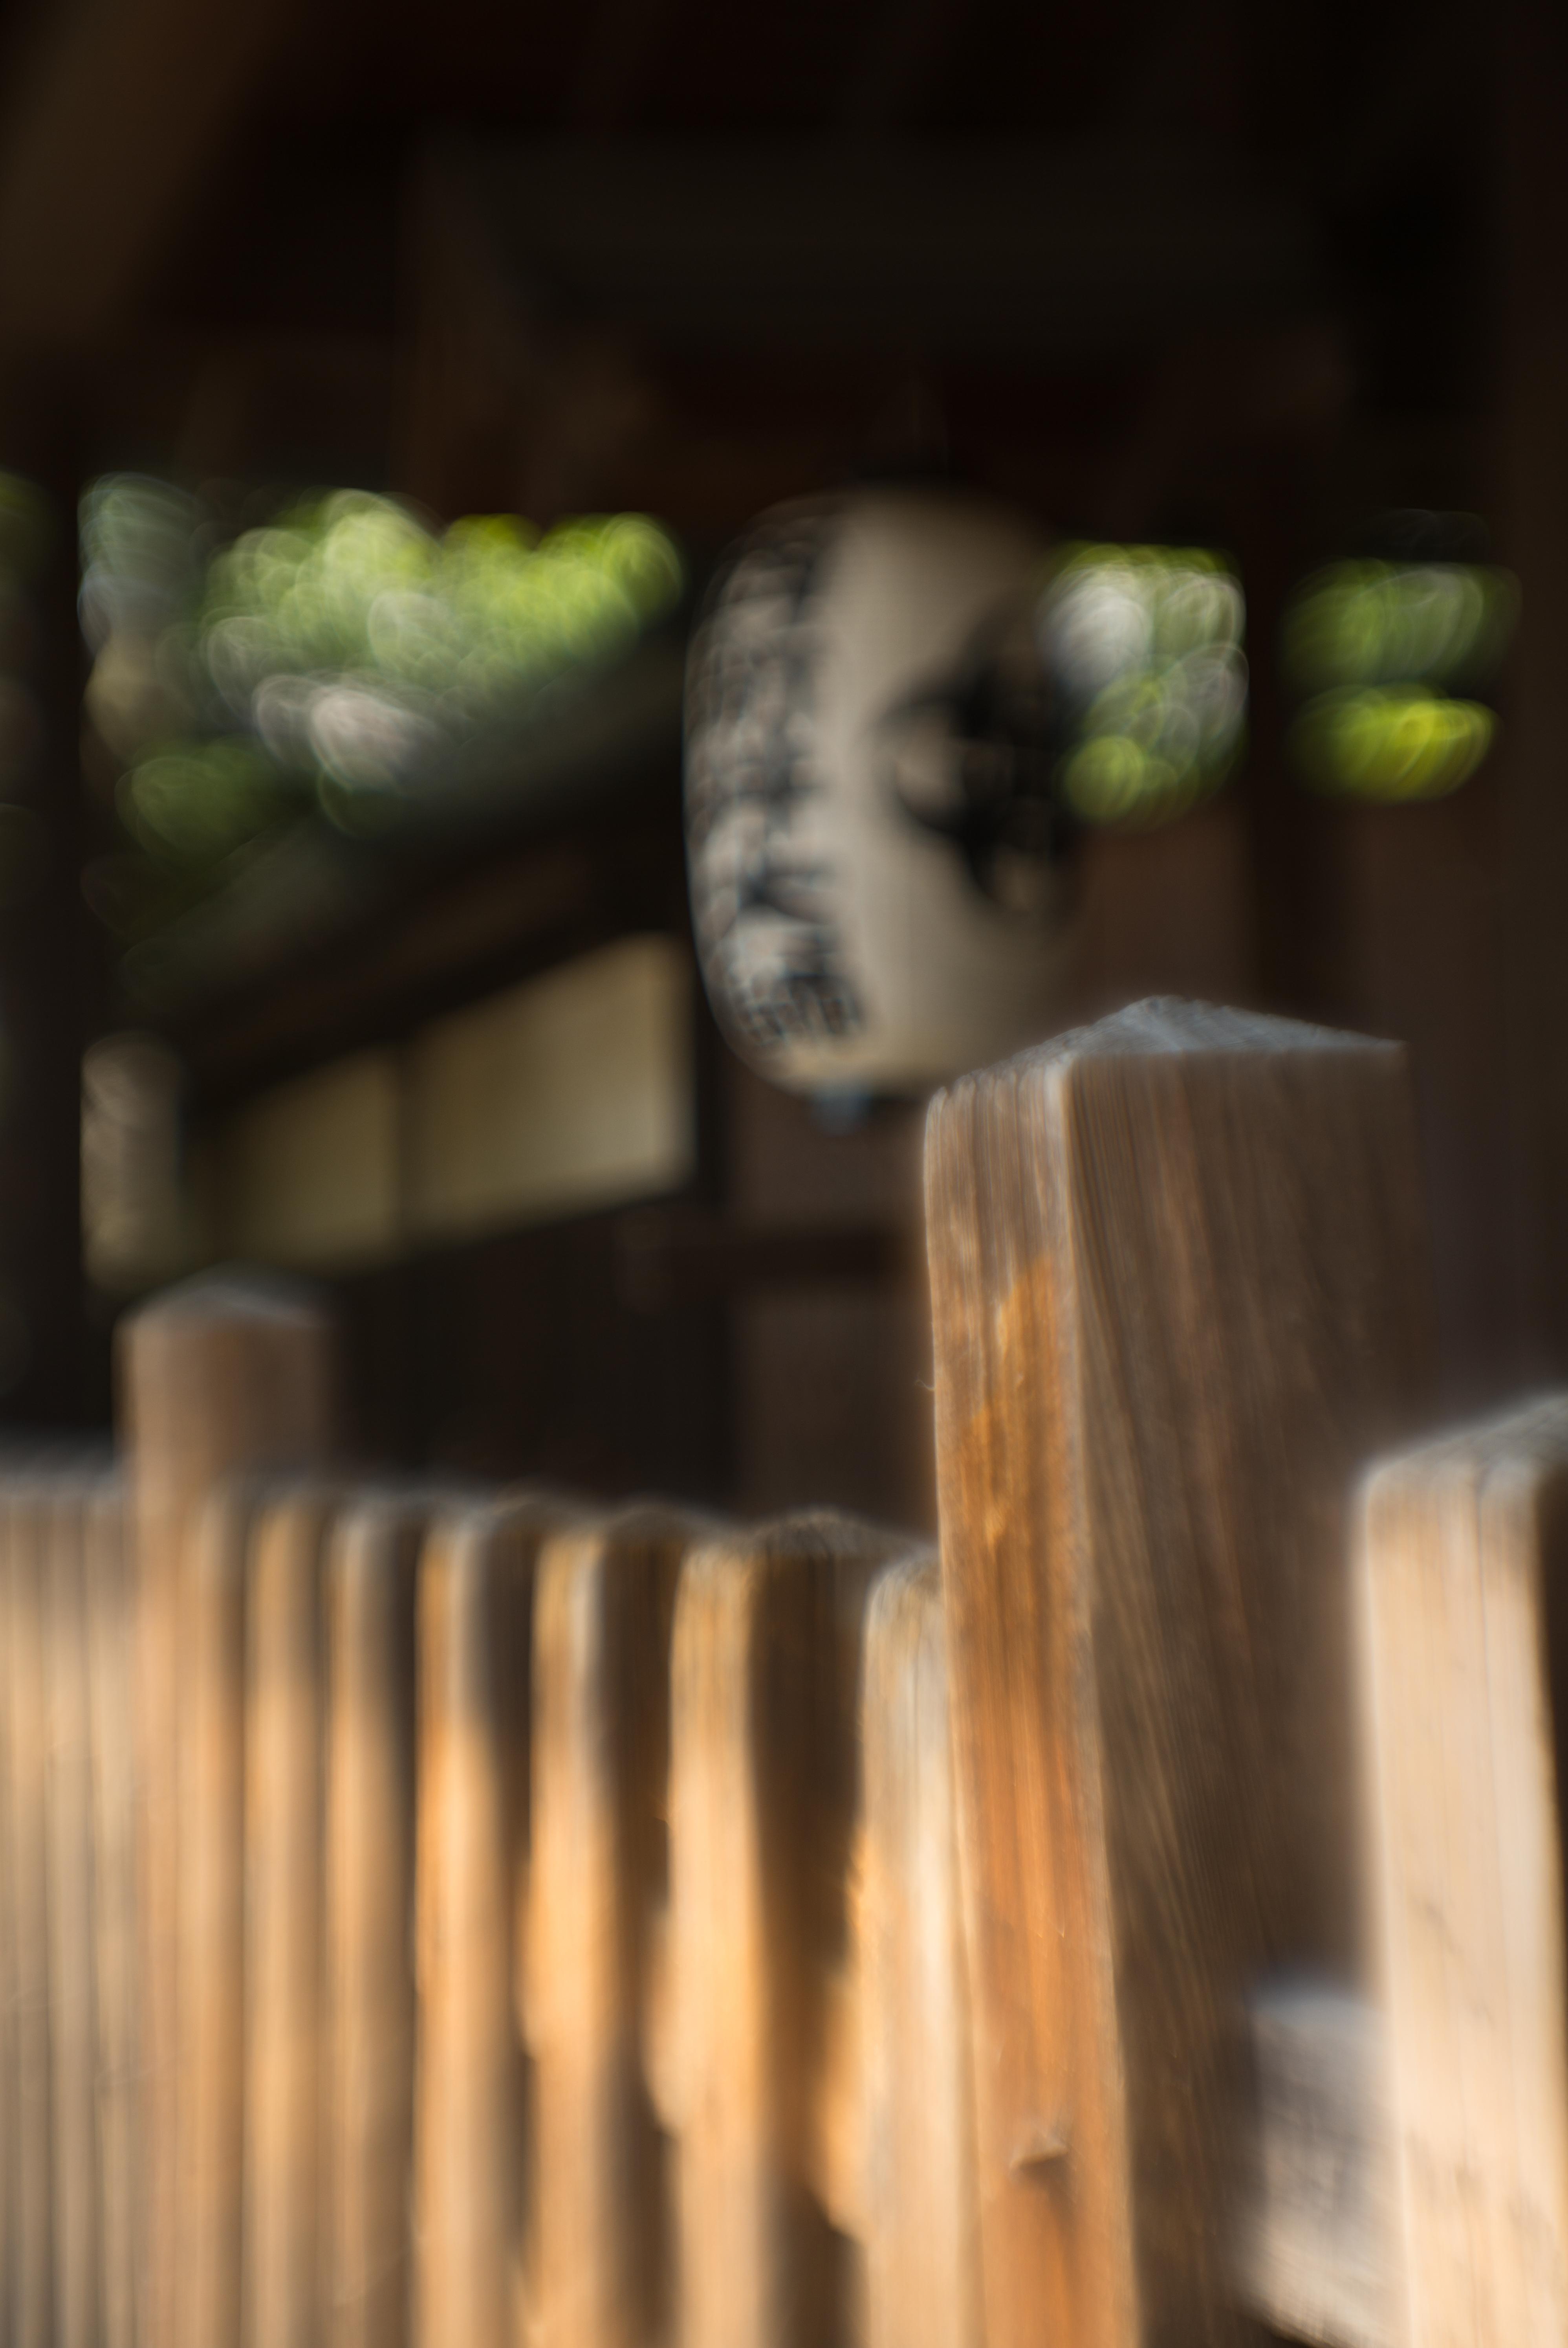 Leica M Typ 240 / 花影 S1 60mm F2.2 / 1/750秒 / F2.2 / -1.33EV / ISO200 / WB:オート